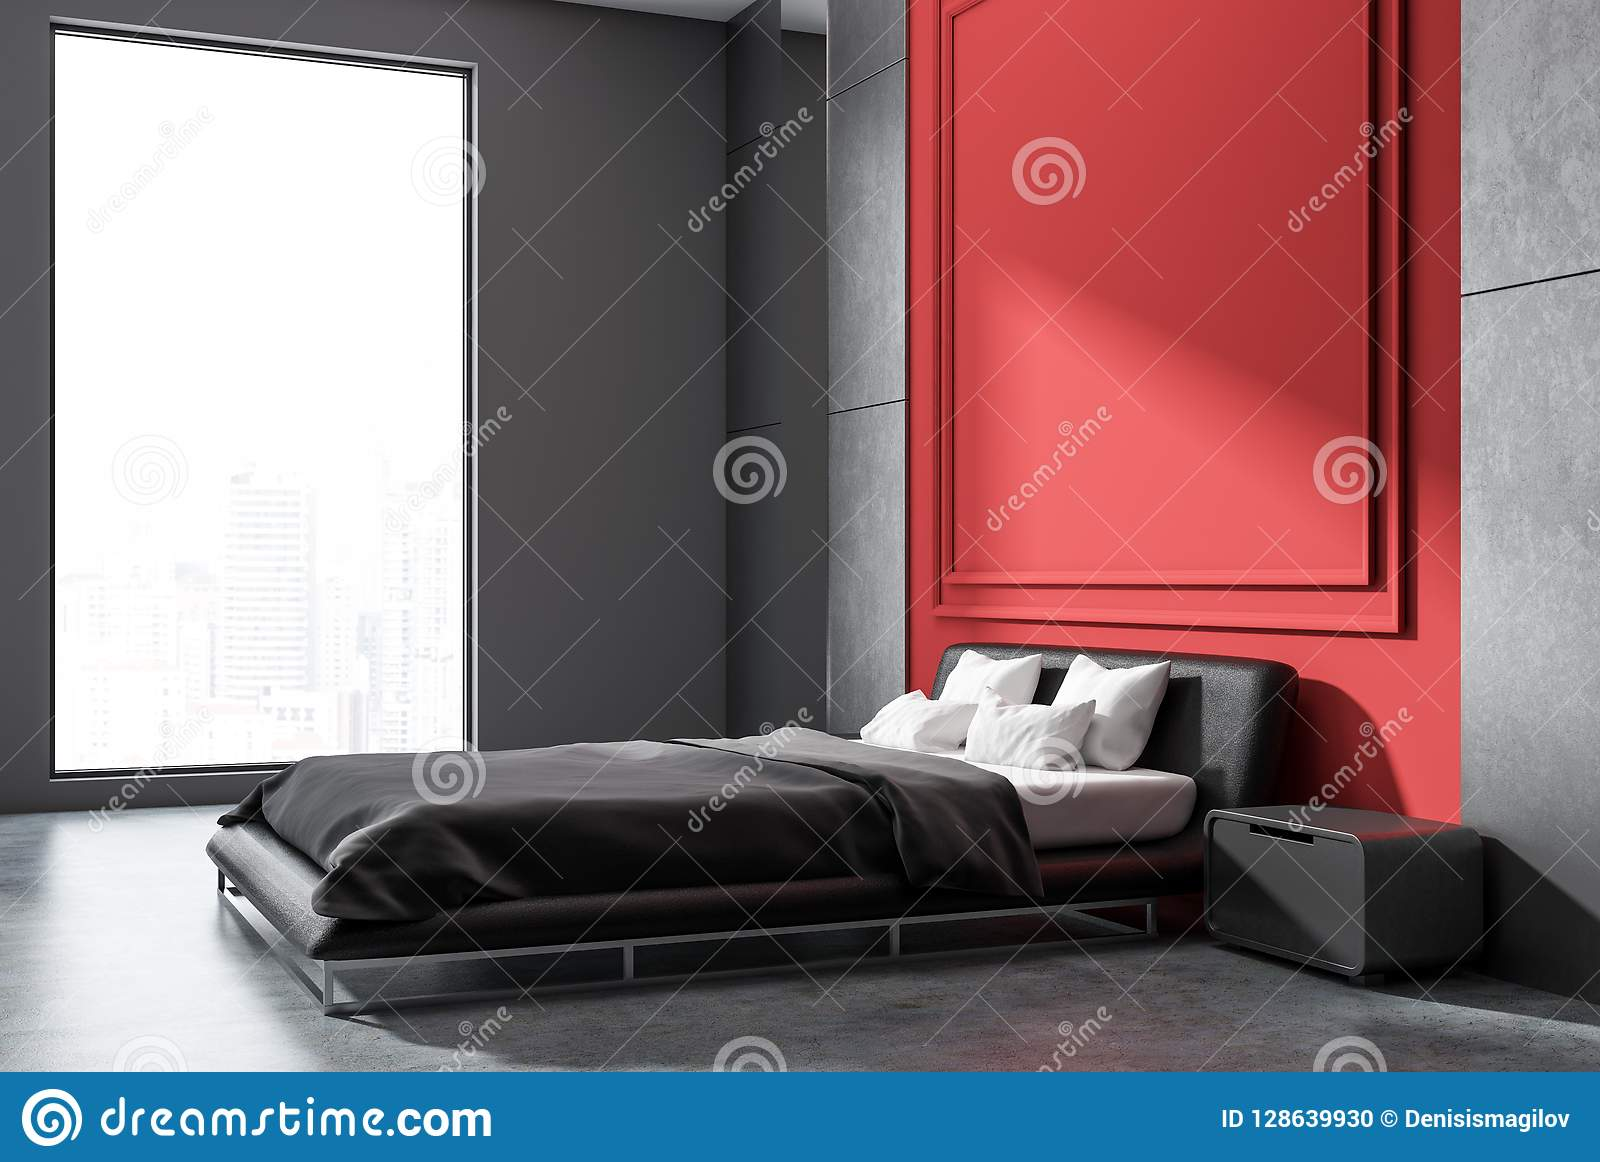 Charmant Intérieur De Chambre à Coucher De Minimalistic Avec Les Murs Gris Et Rouges,  Le Plancher En Béton, Le Lit Principal Avec Des Tables De Chevet Et La  Fenêtre ...